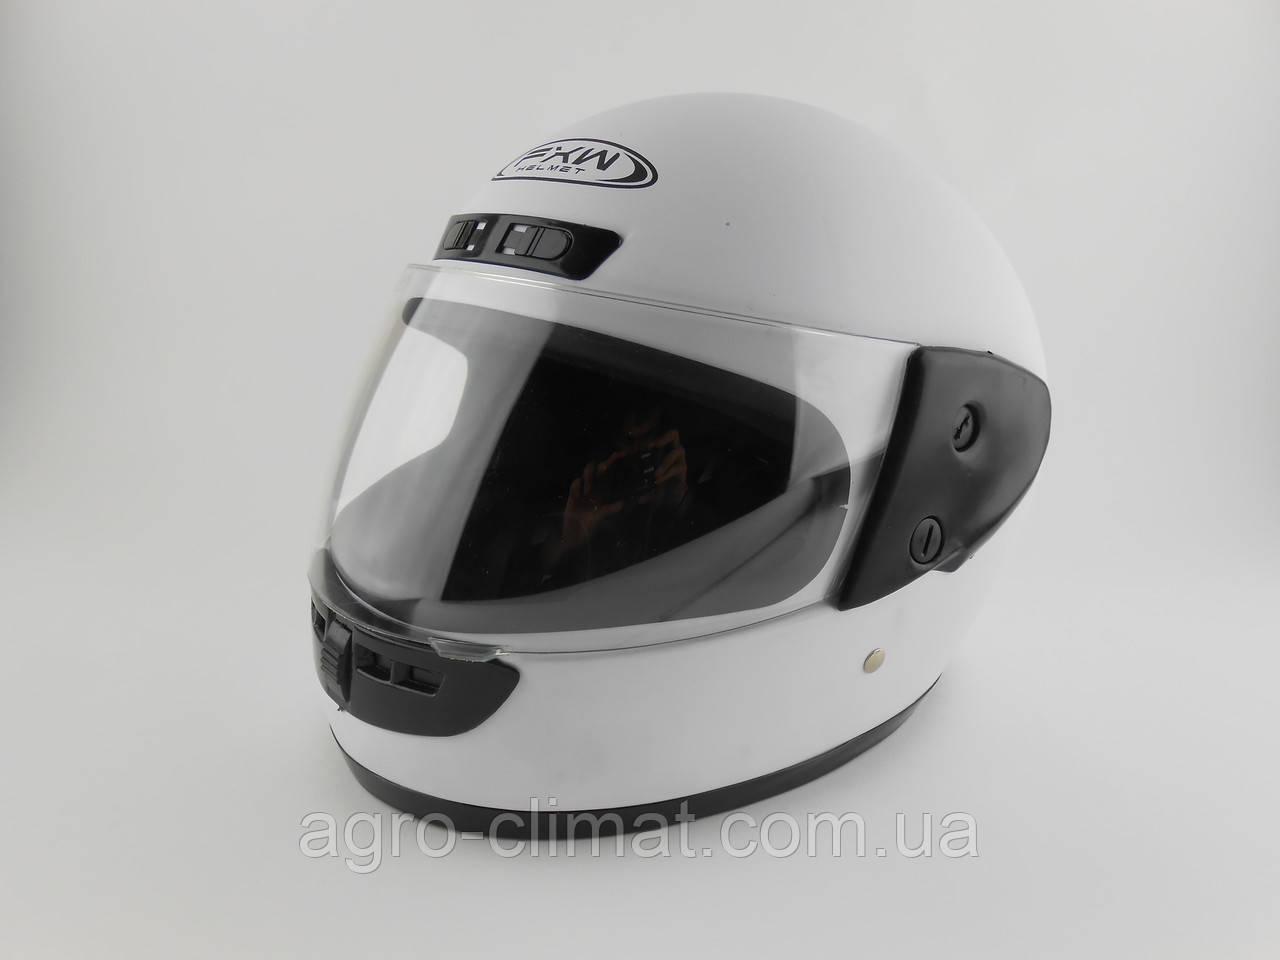 Шлемы для мотоциклов Hel-Met 101 белый глянец